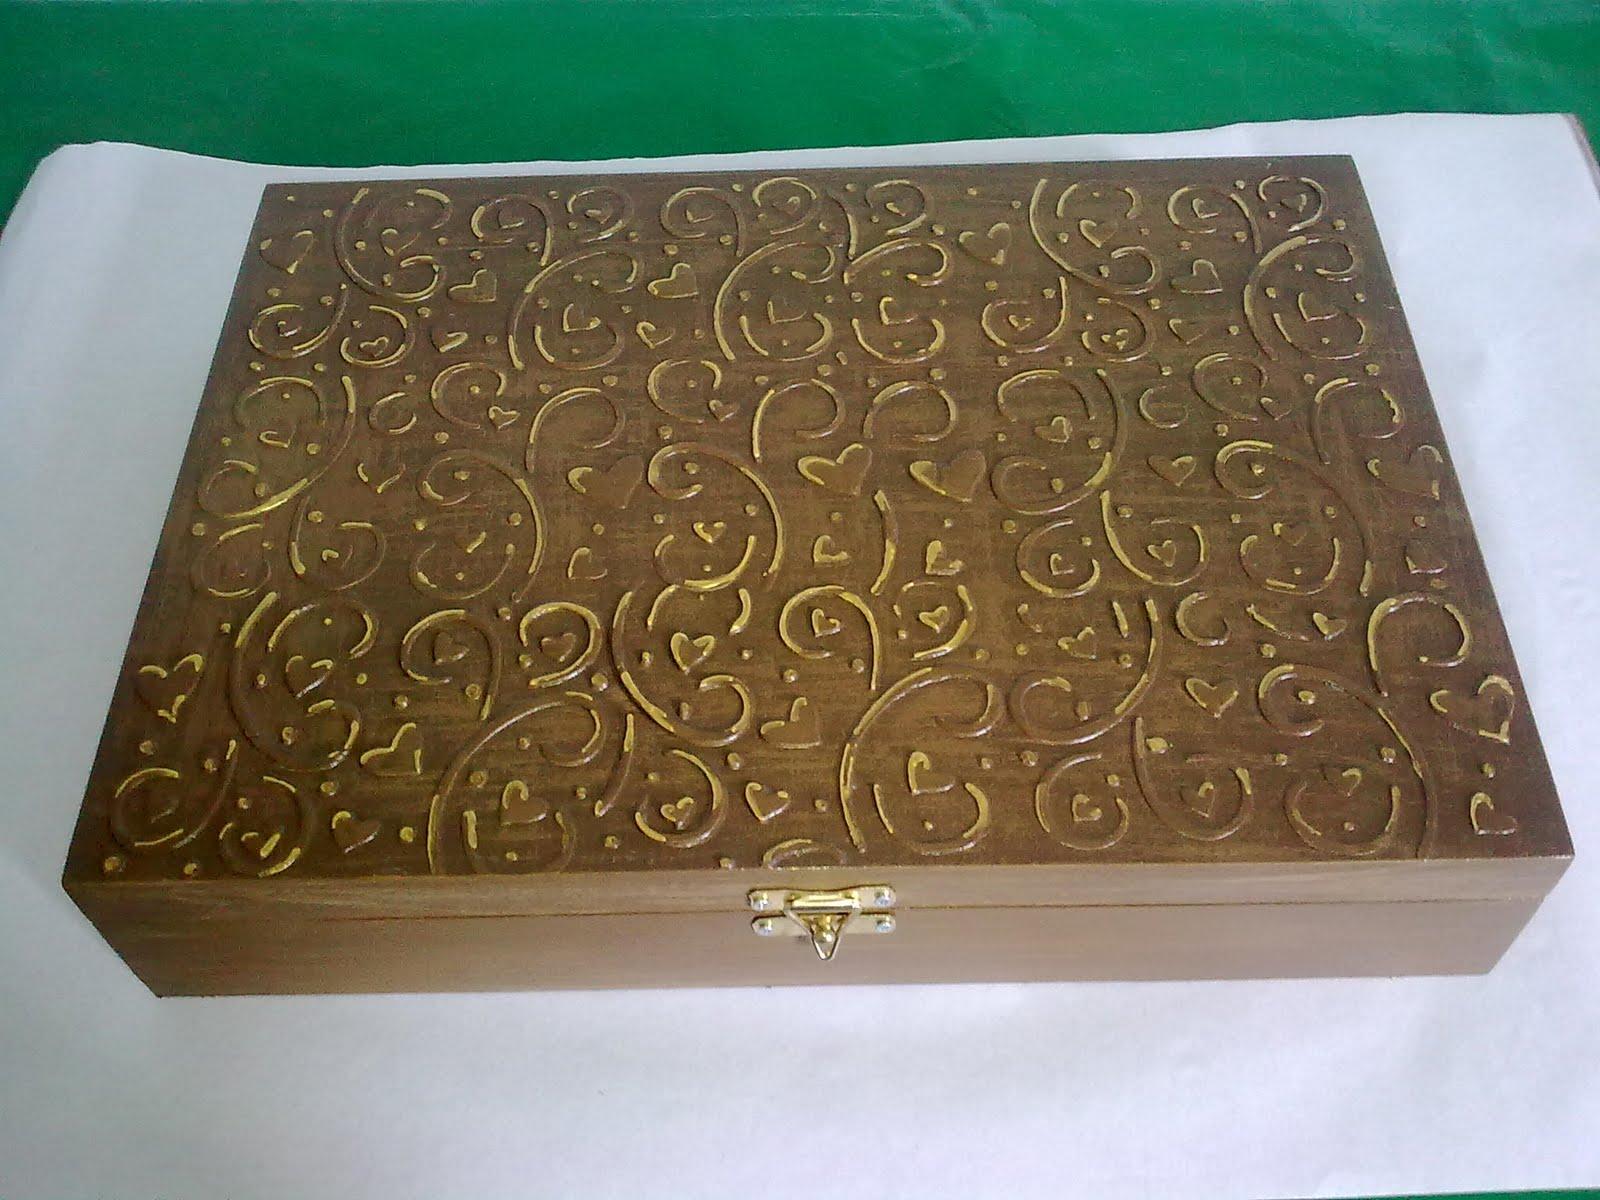 Caixa em mdf com 50 divisões textura de madeira com relevos diversos  #036C45 1600x1200